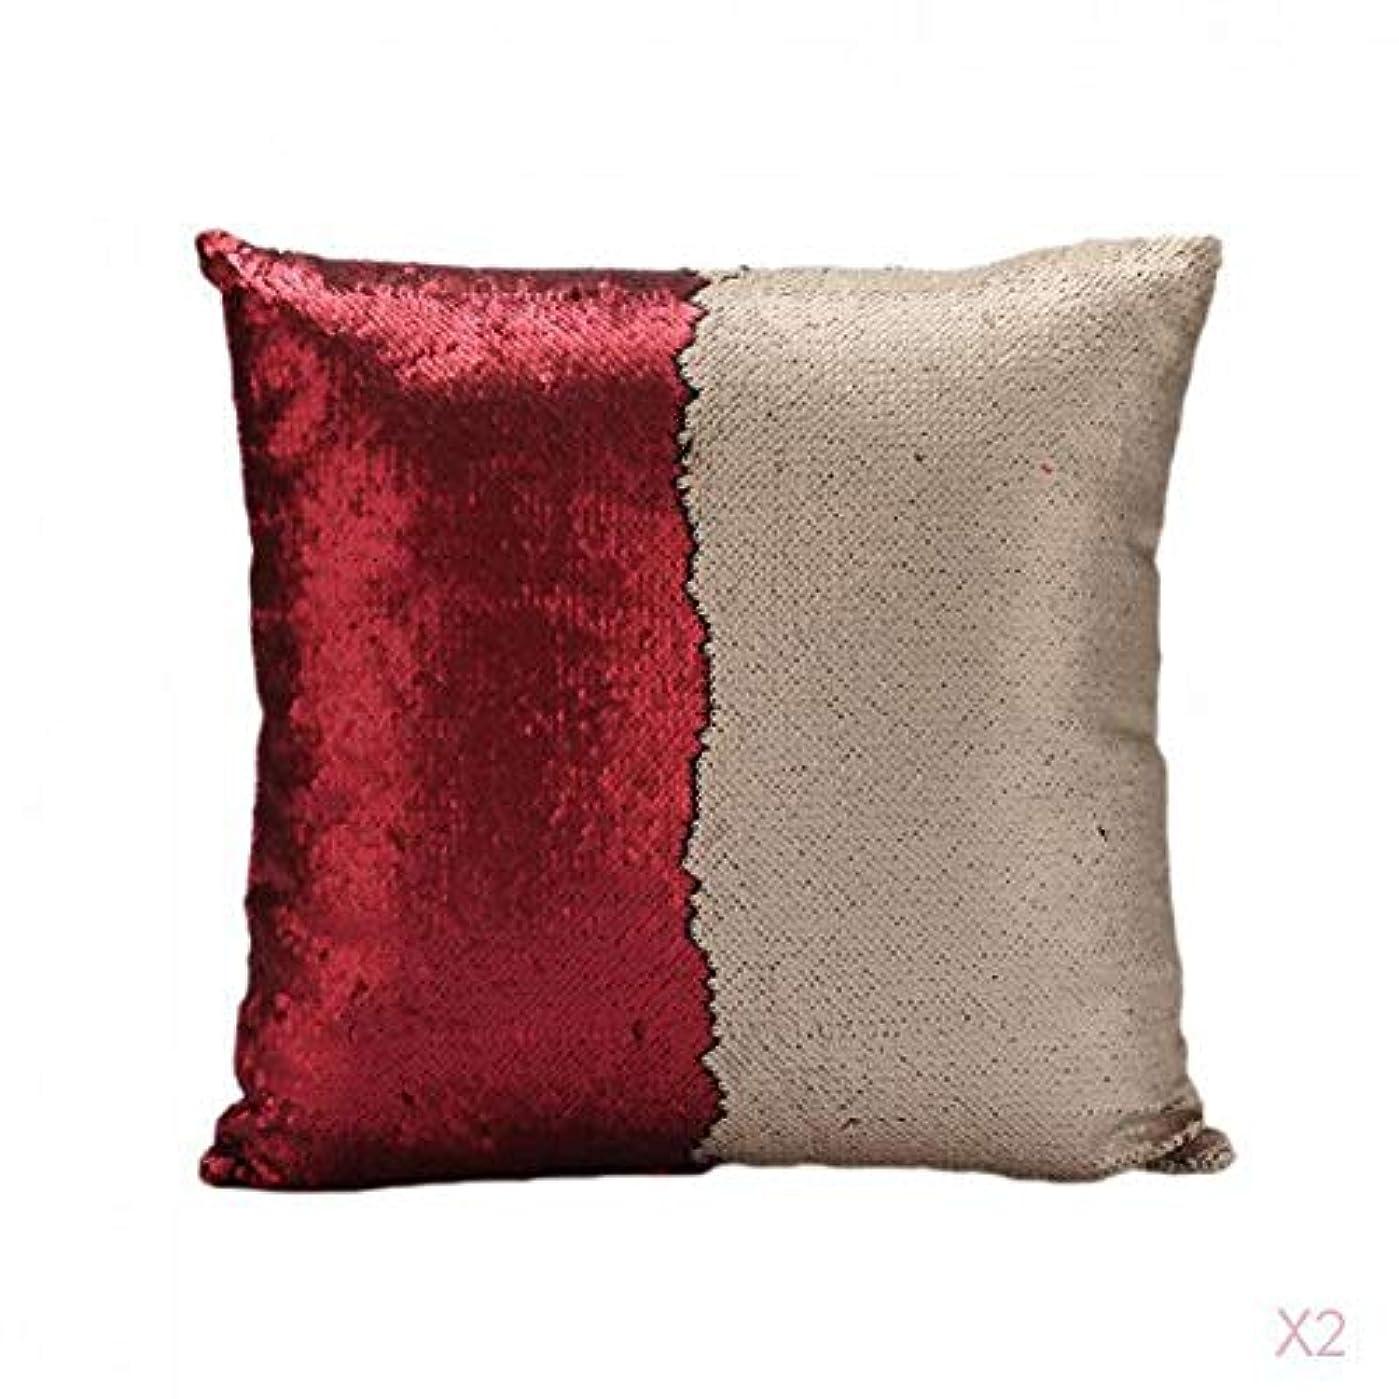 ありがたい絶え間ない論争赤可逆スエードスパンコールソファ腰クッションカバーベッドの枕カバースリップ